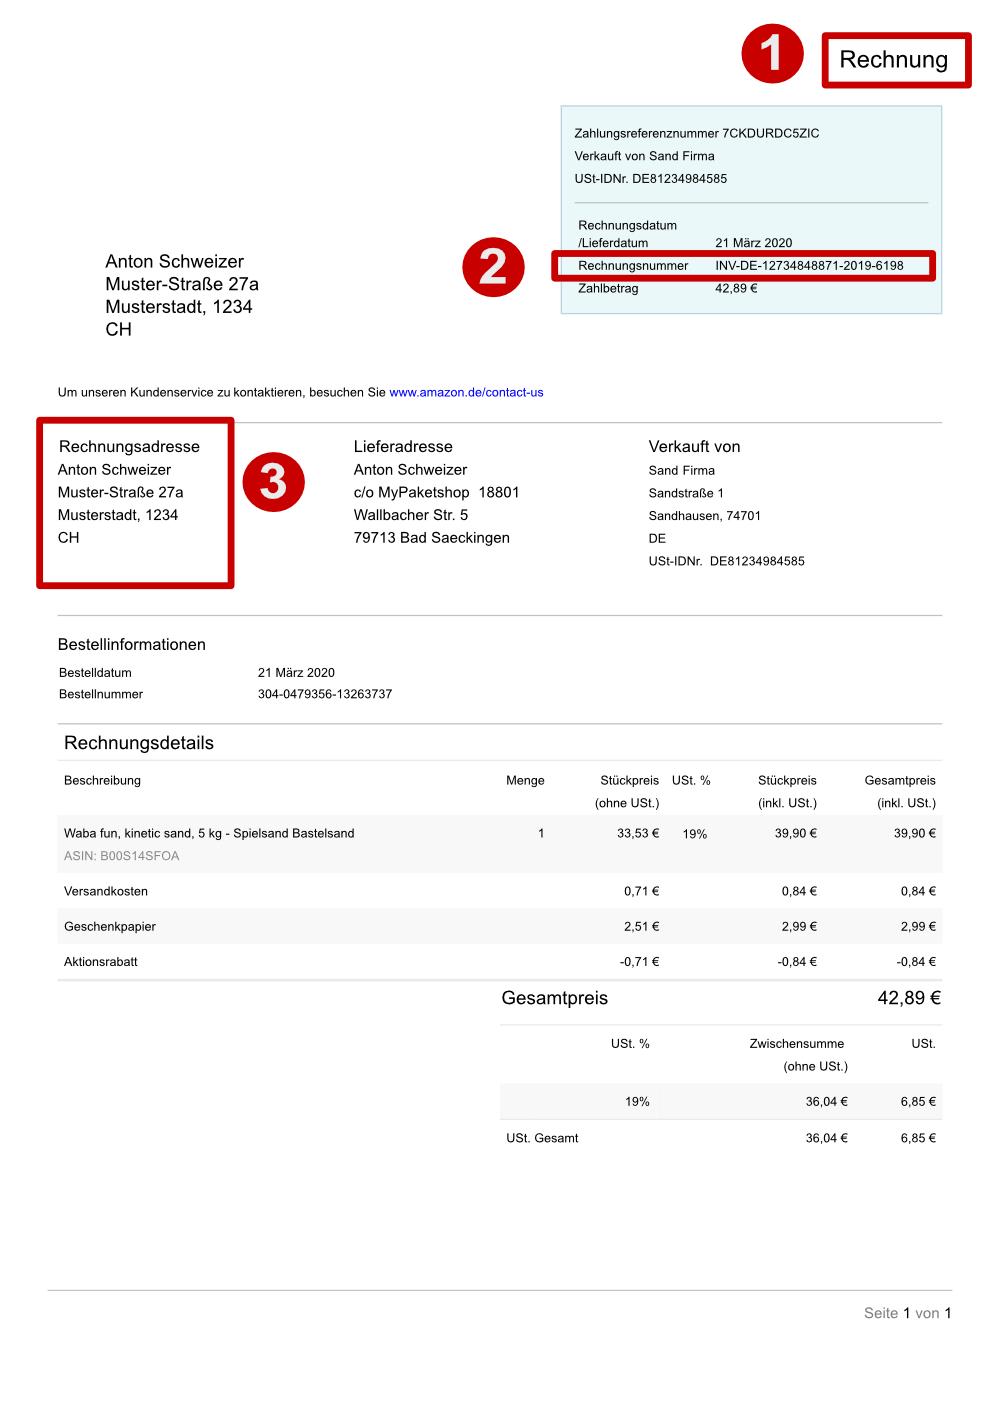 Online-Shop-Rechnung für Verzollung